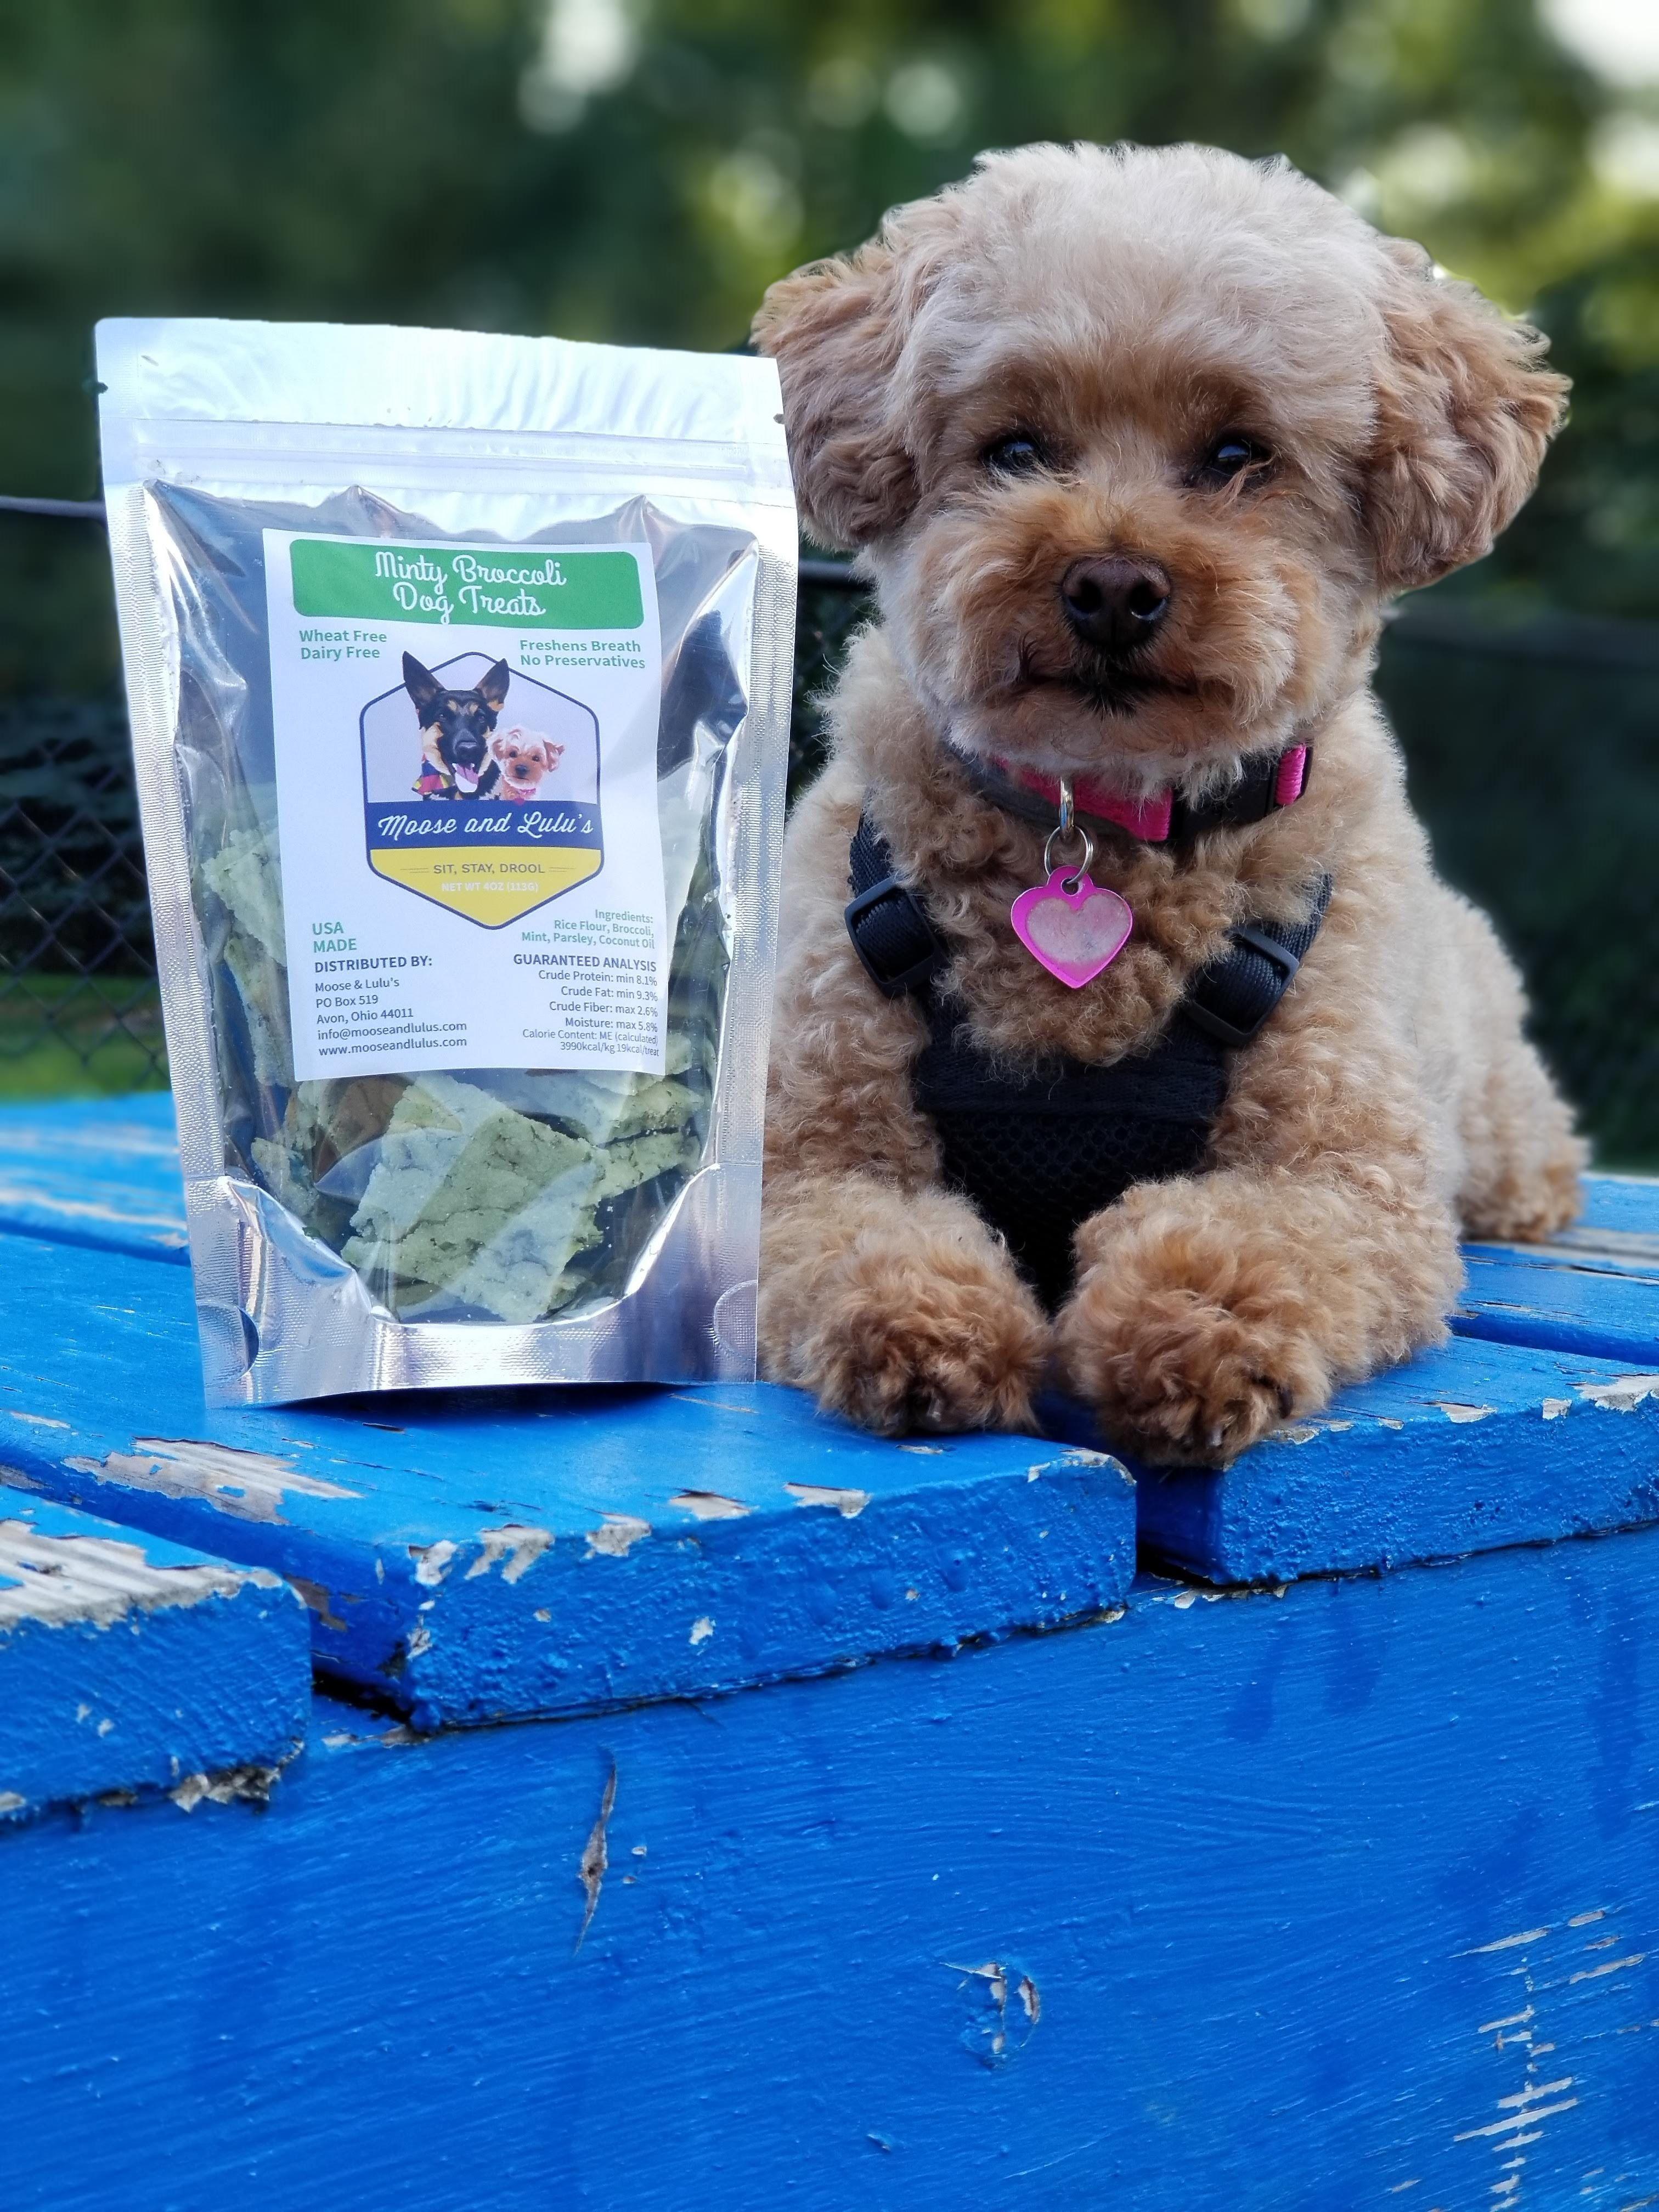 Minty Broccoli Dog Treats Dog Mom Gifts Homemade Dog Treats